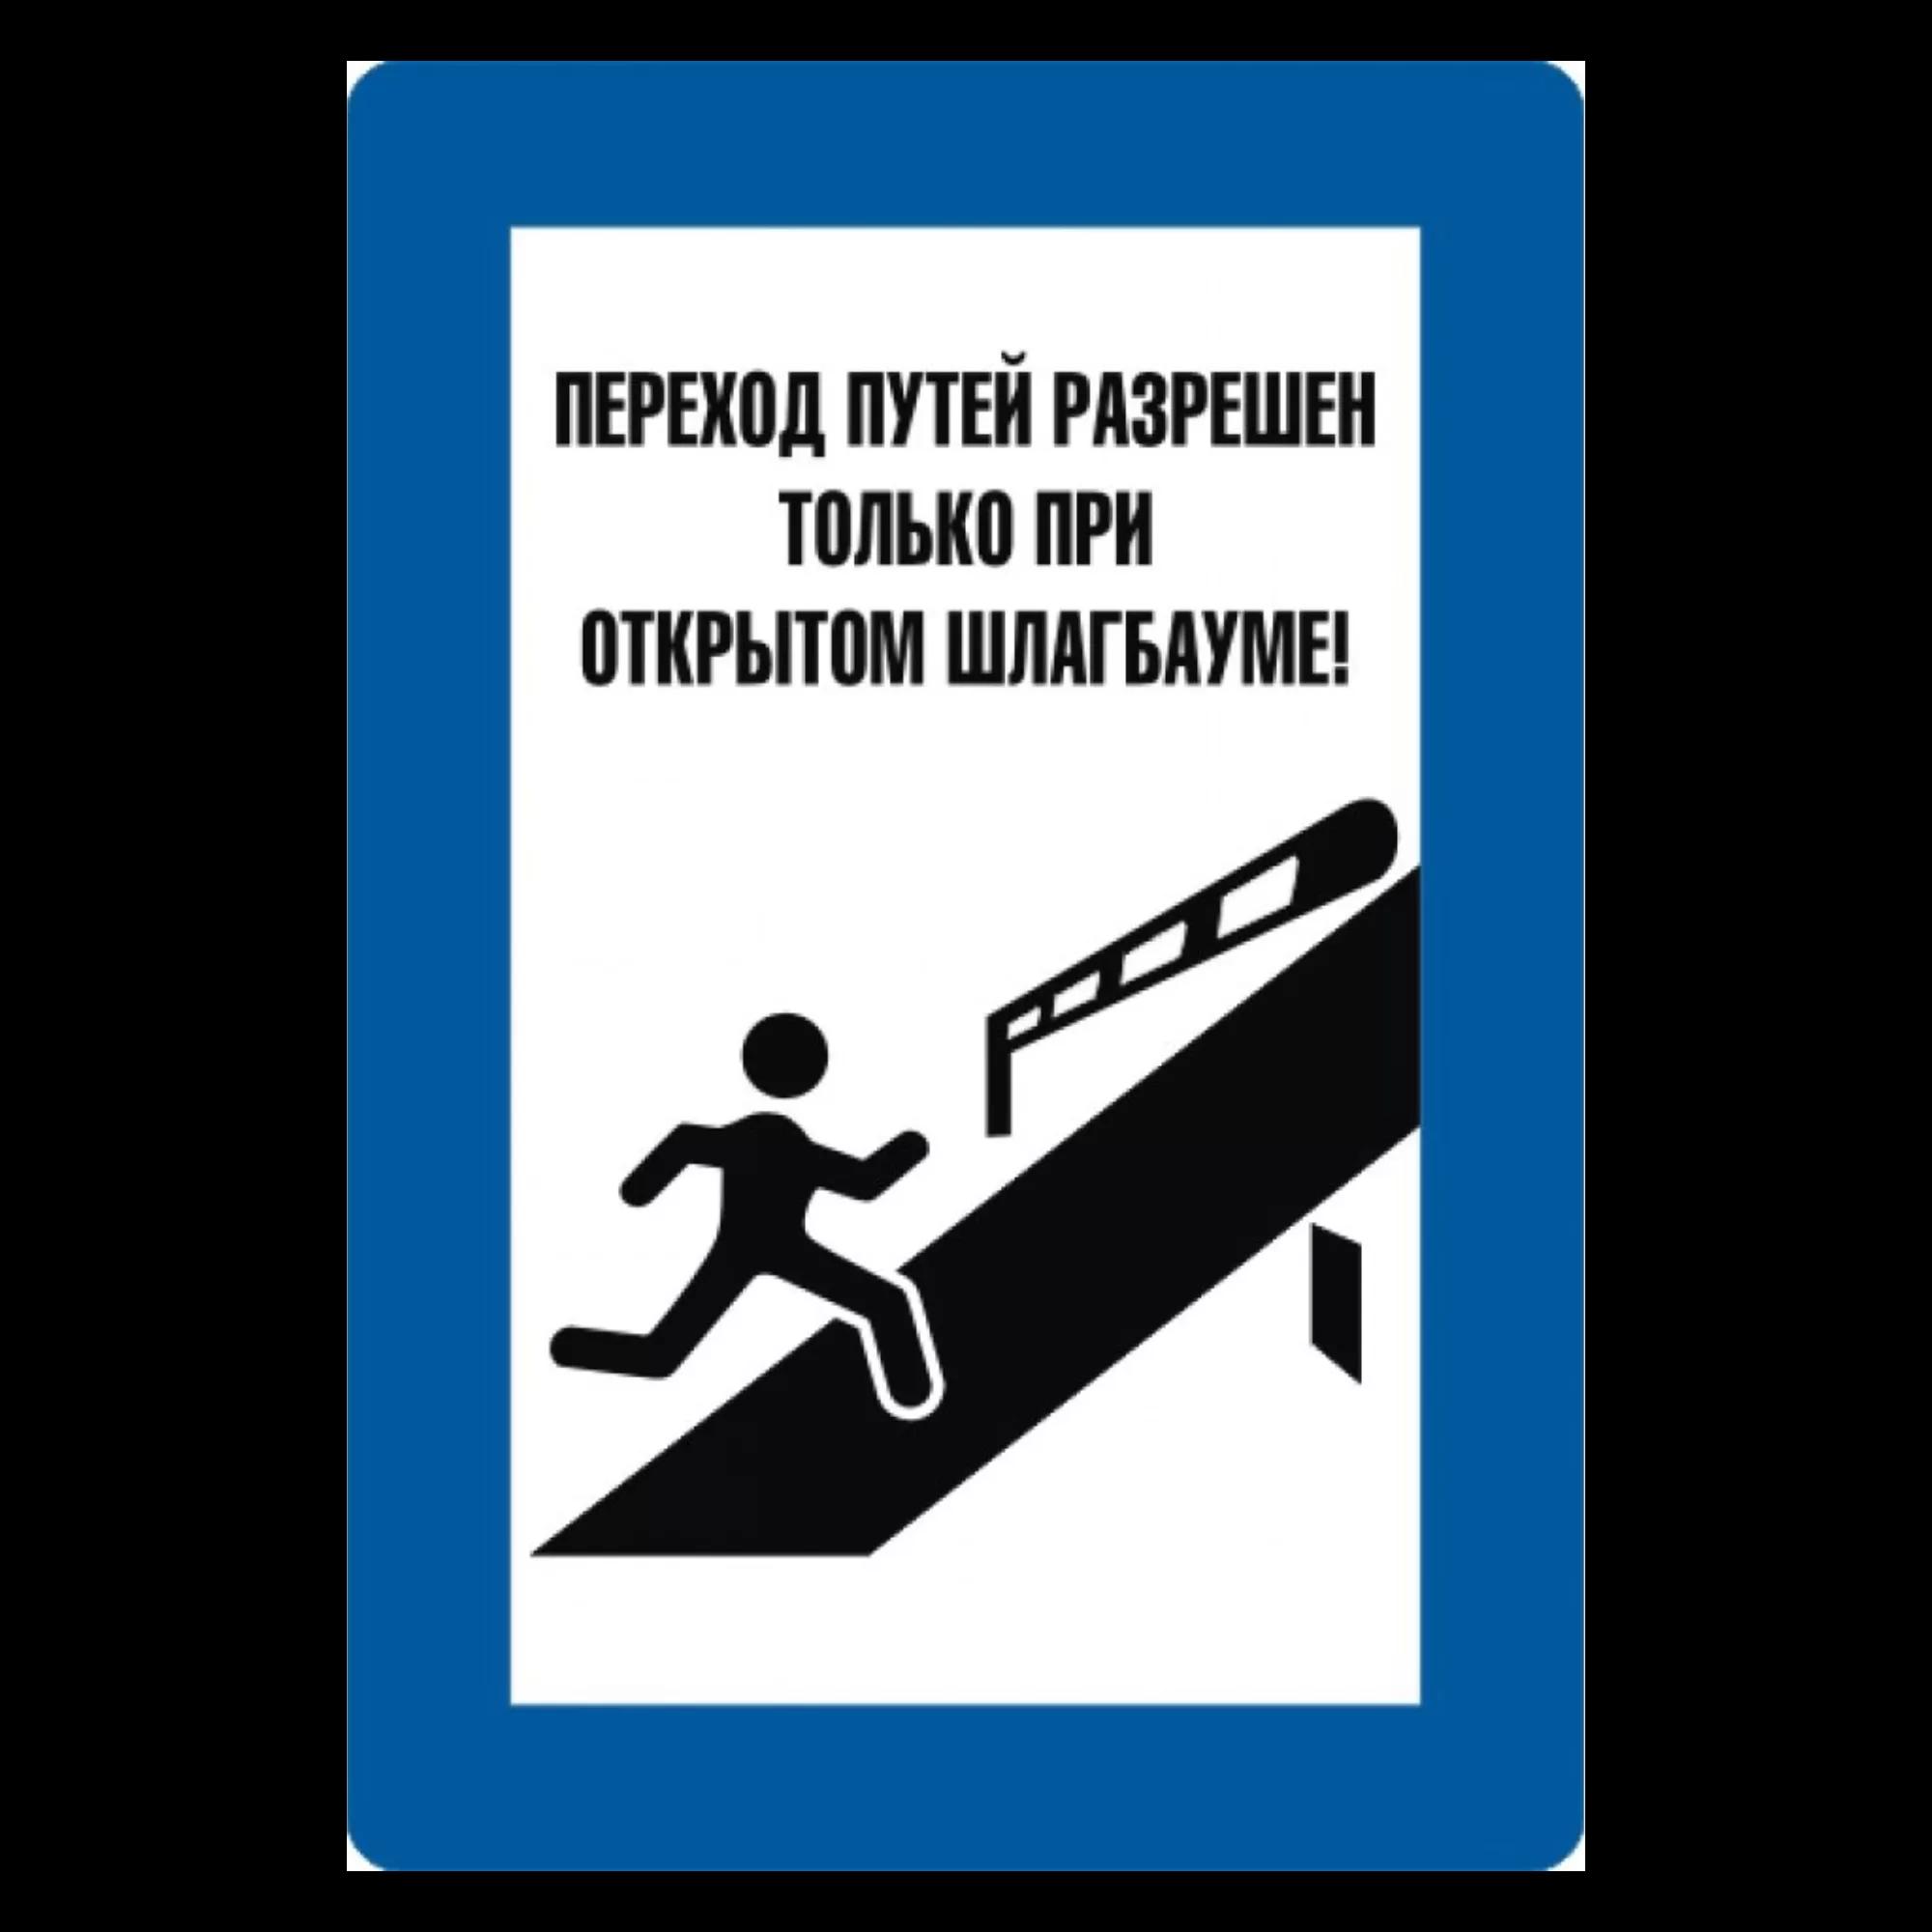 """Знак """"Переход путей разрешен только при открытом шлагбауме"""""""